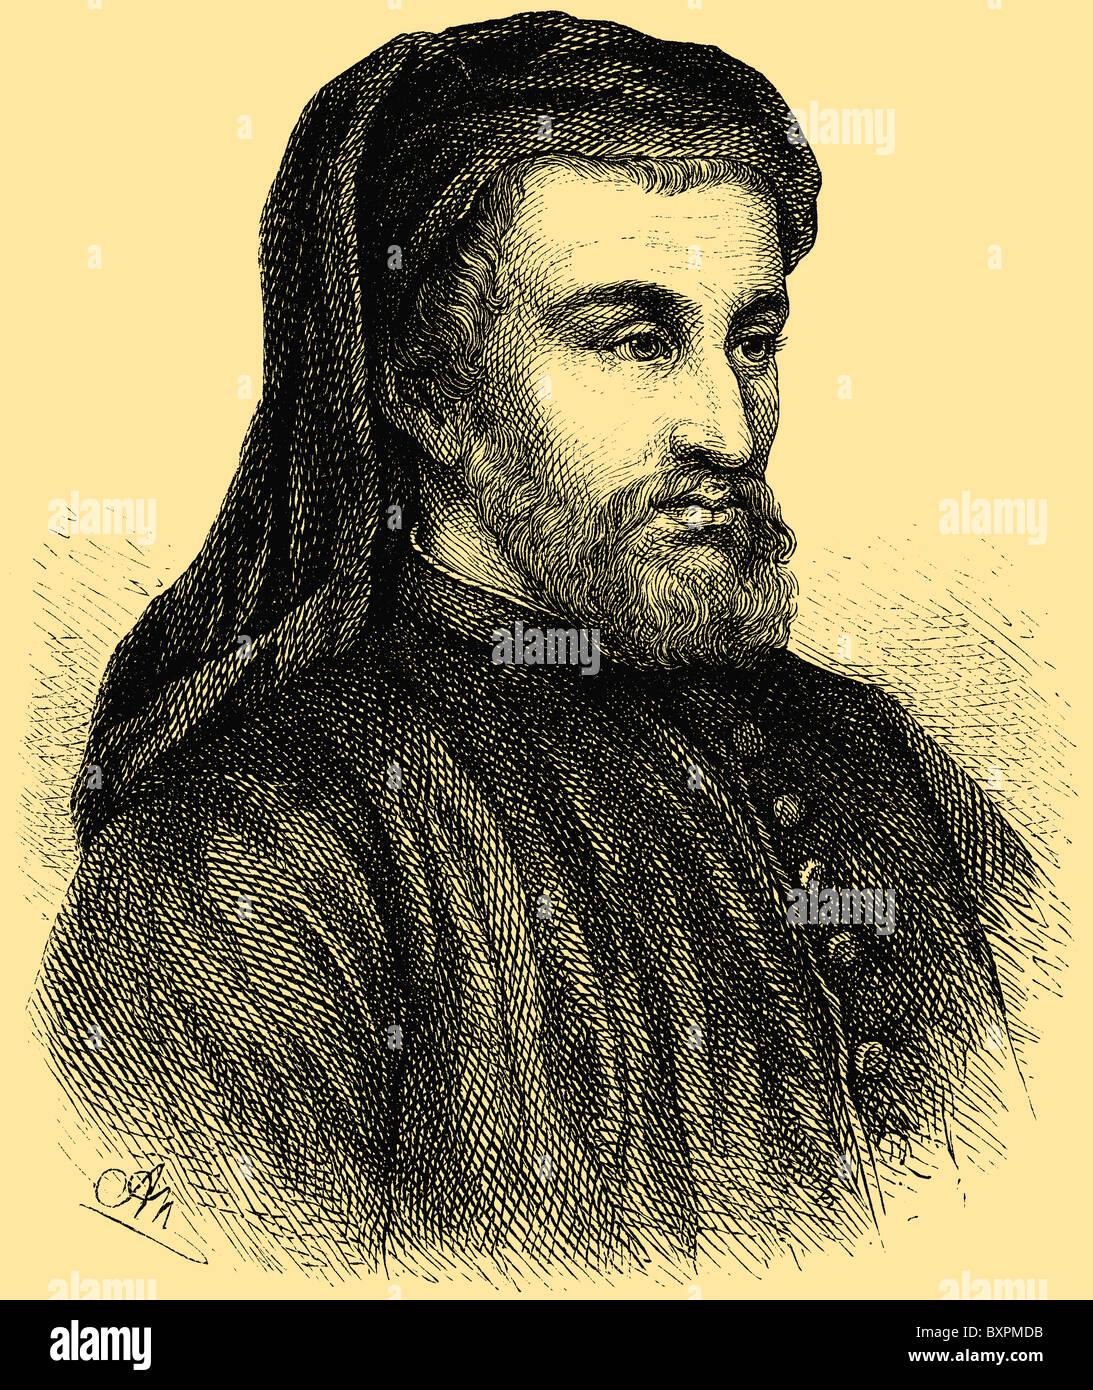 Geoffrey Chaucer photo #3825, Geoffrey Chaucer image